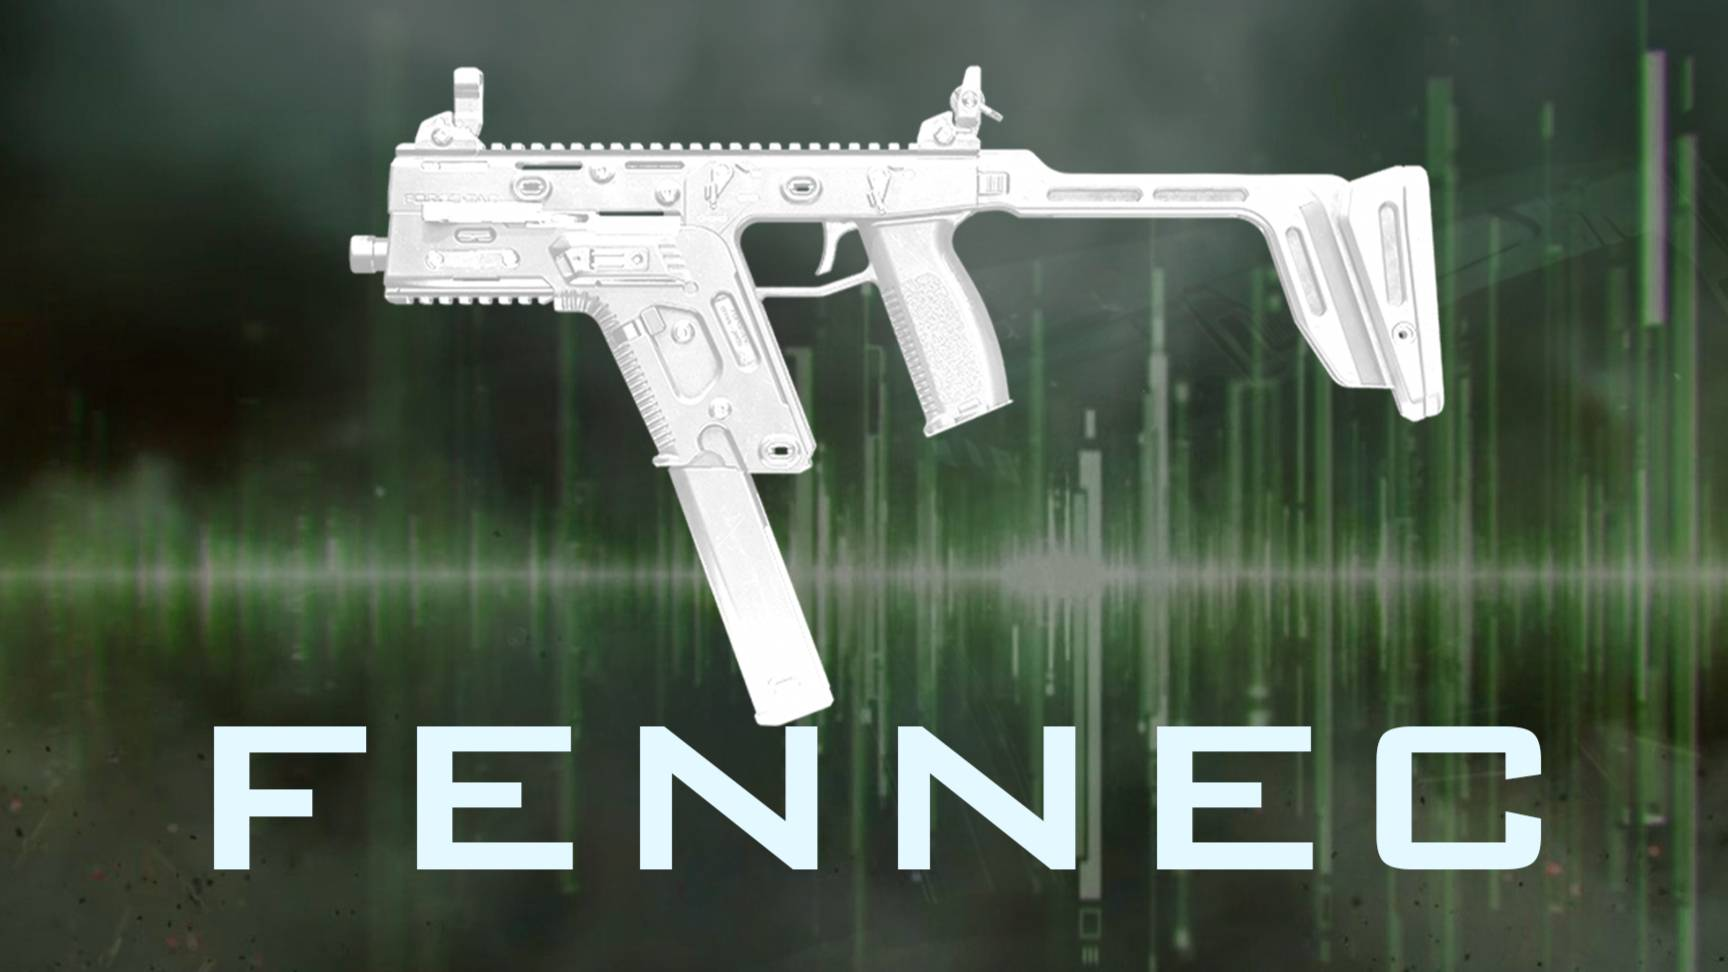 短  剑 · 菲内克 Fennec冲锋枪『现代战争武器指南』VOL.23